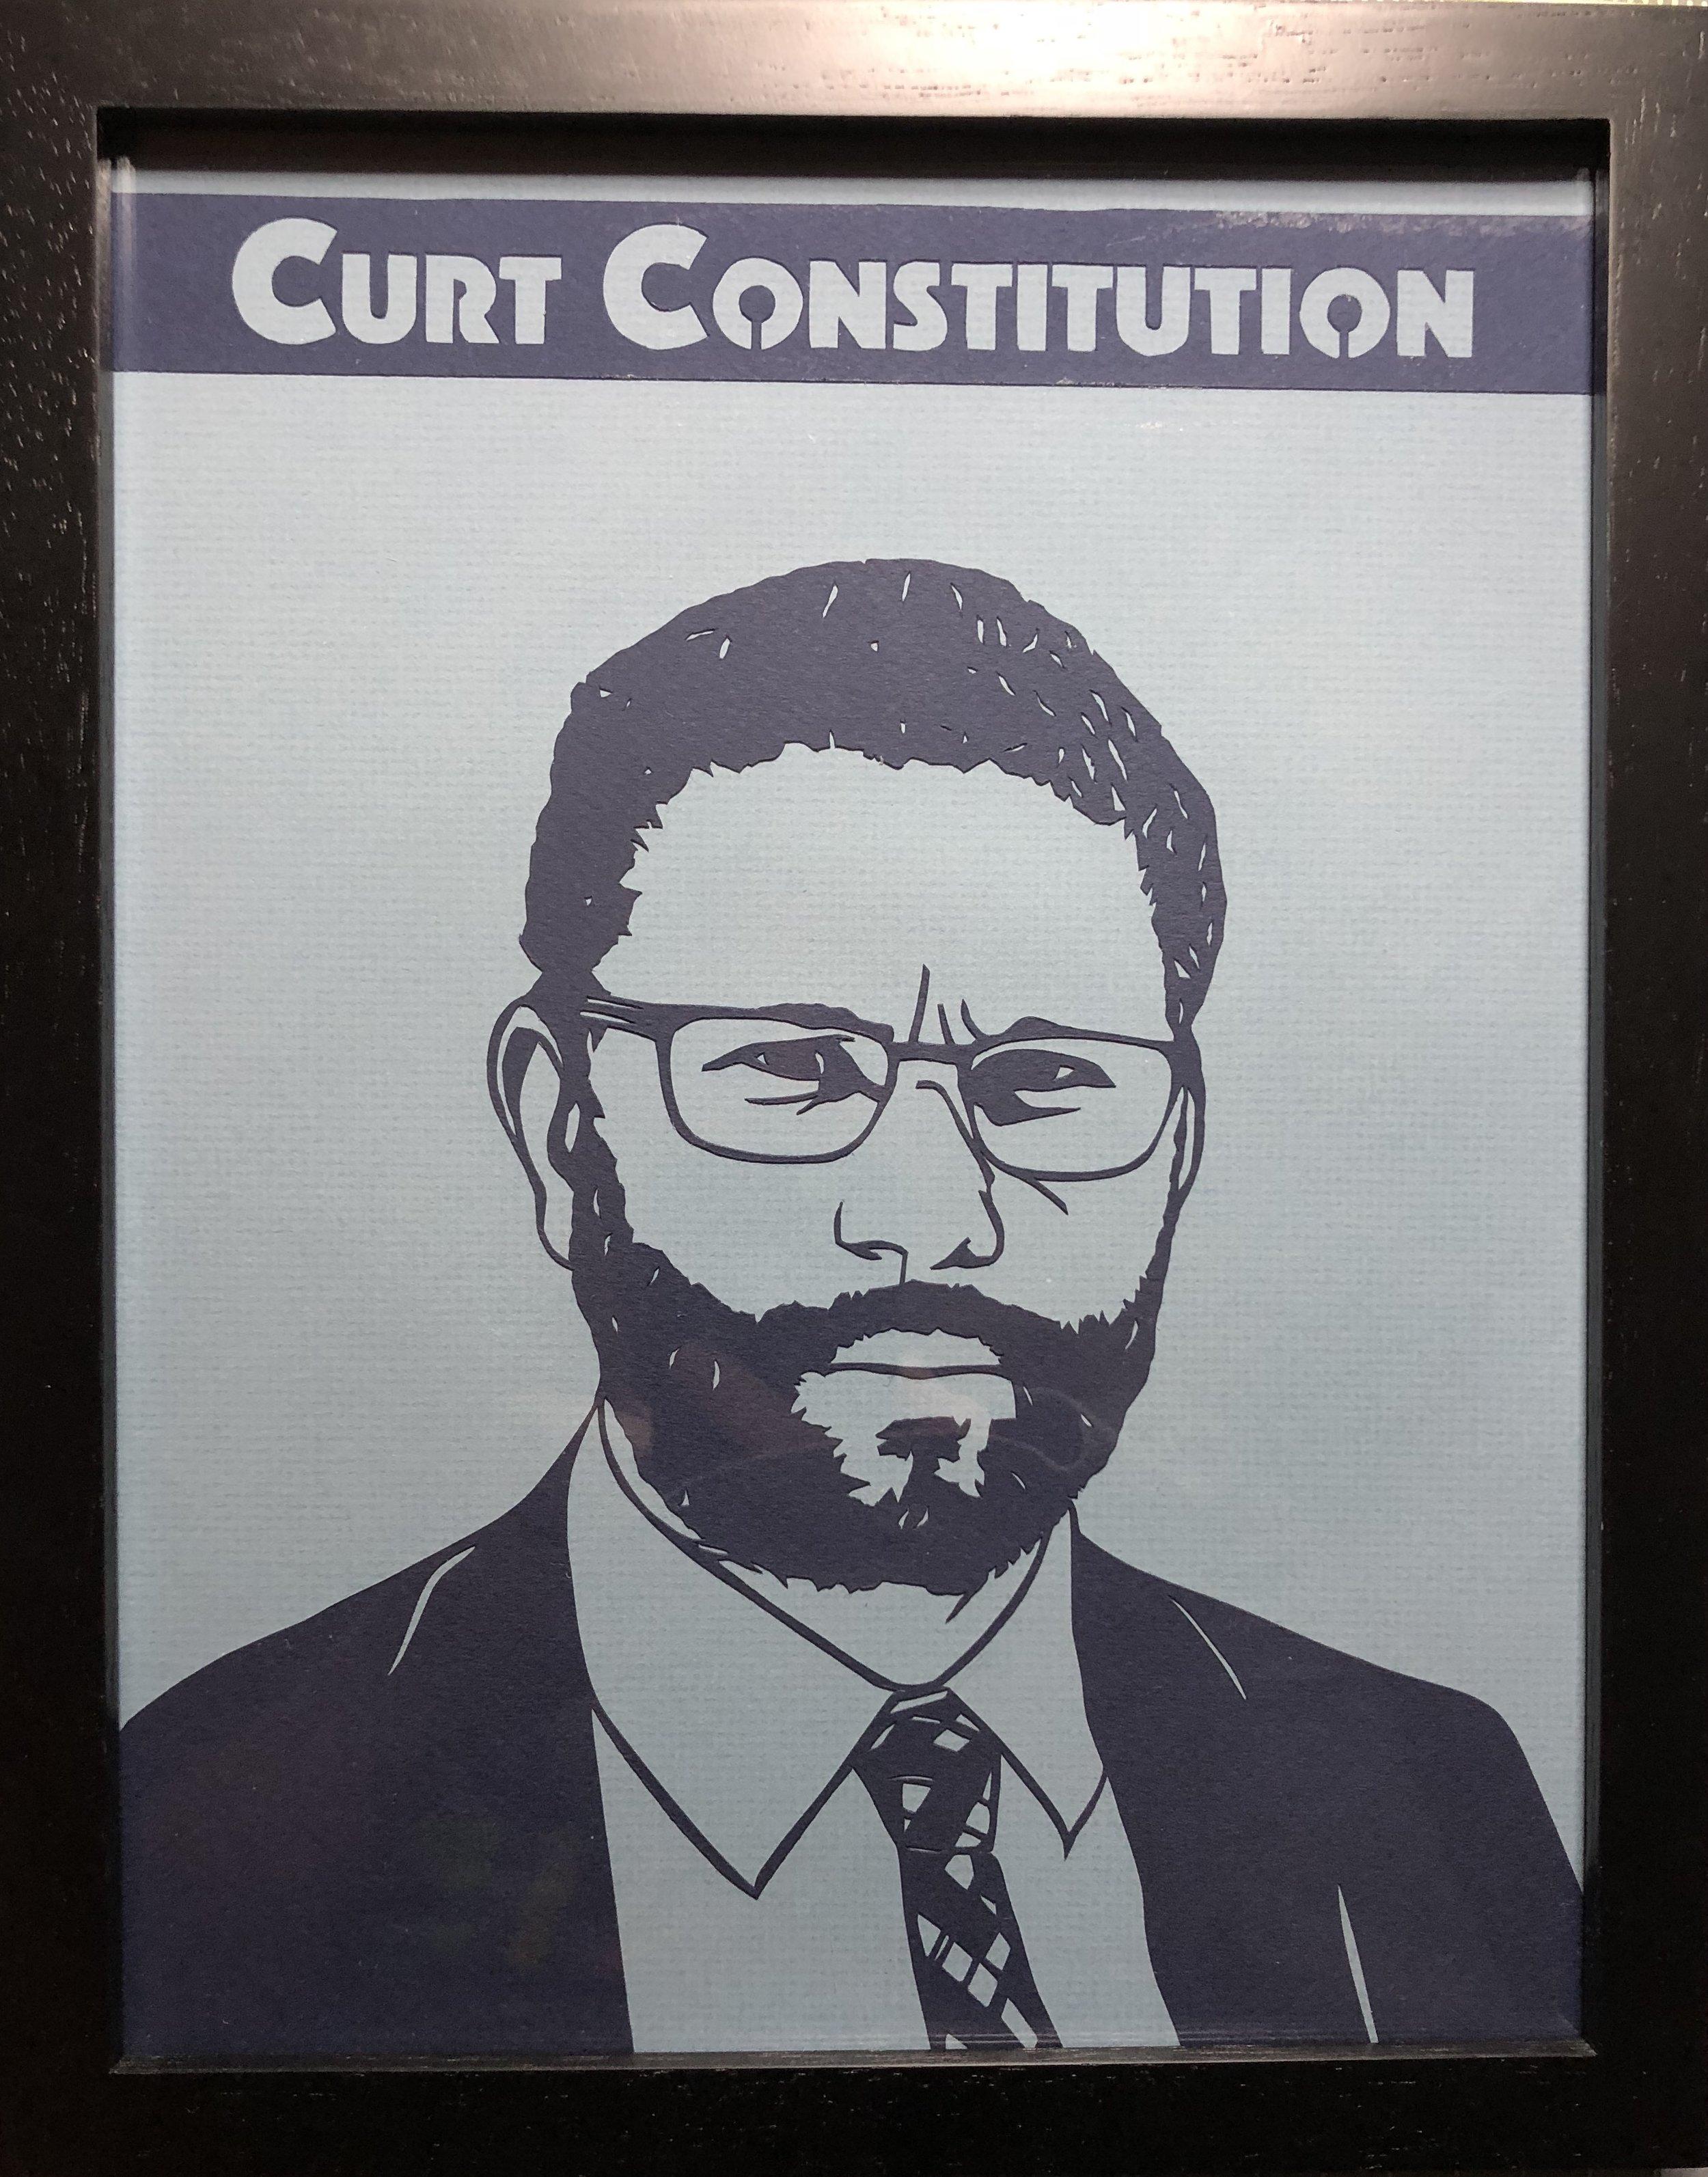 Curt Constitution